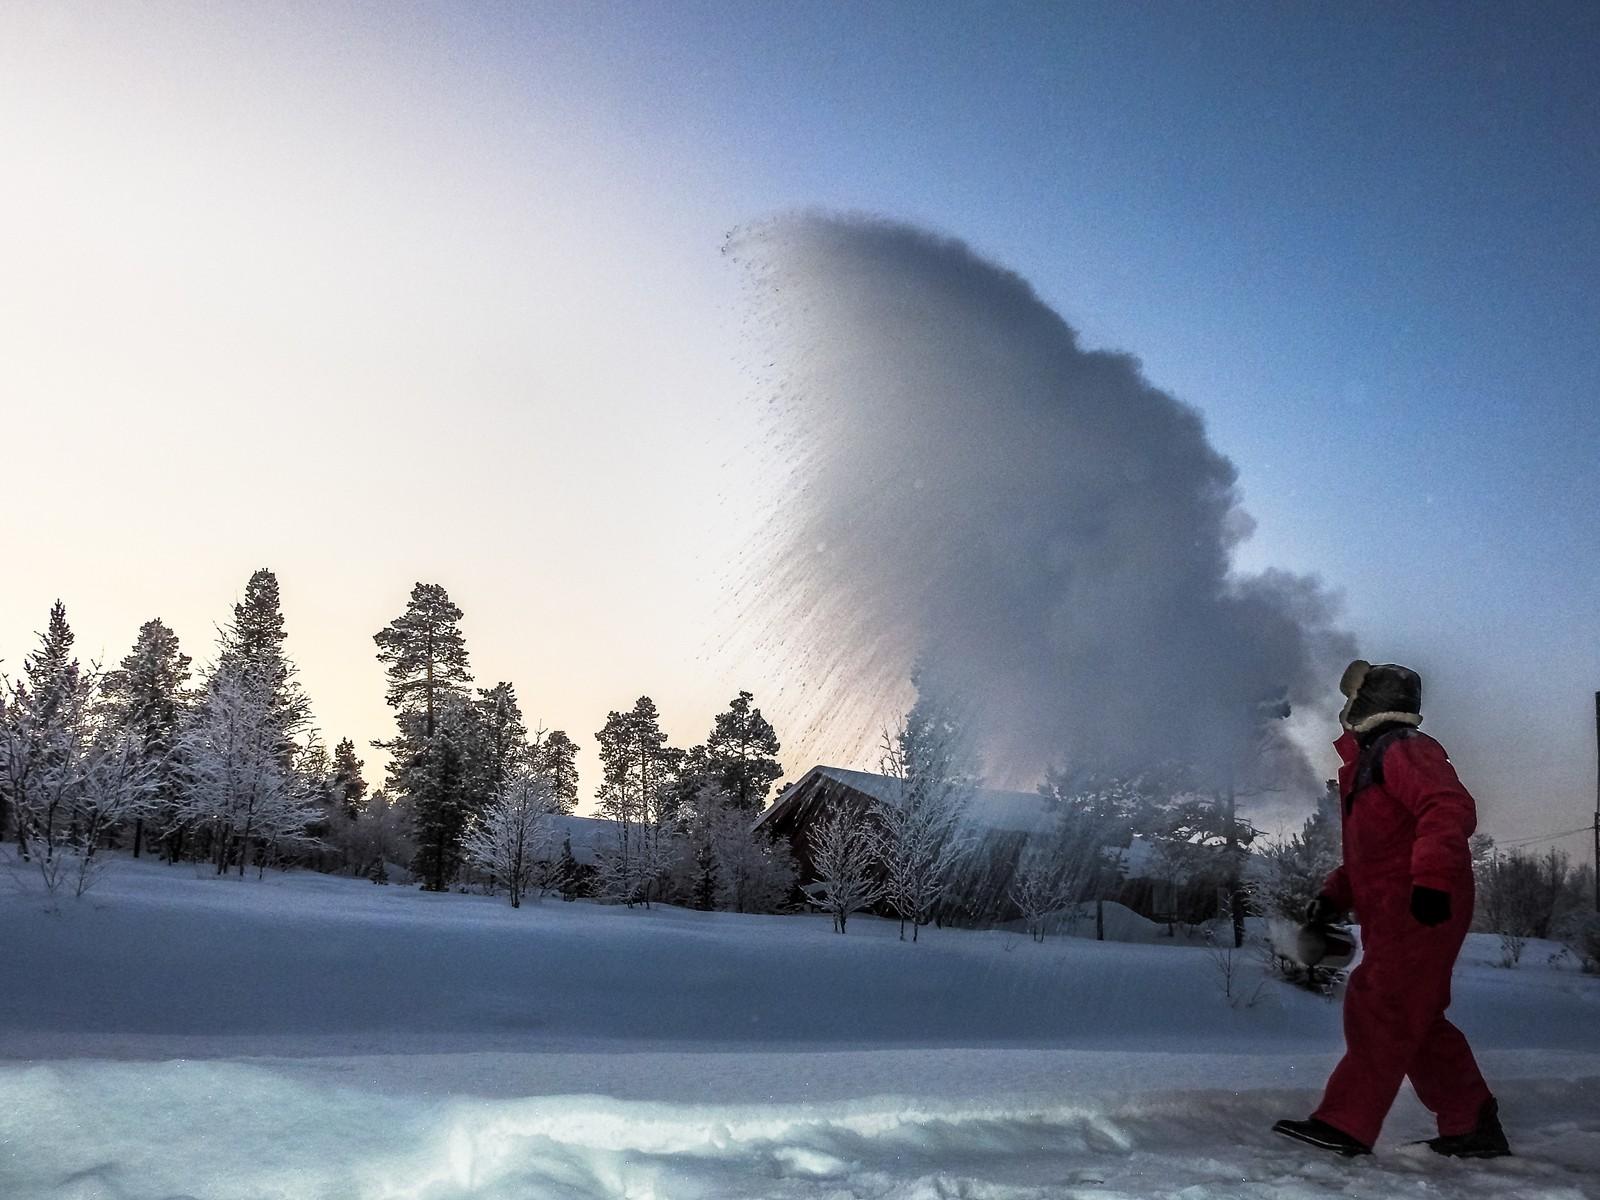 Når varmt vann kastes i lufta i sprengkulde, så skjer dette